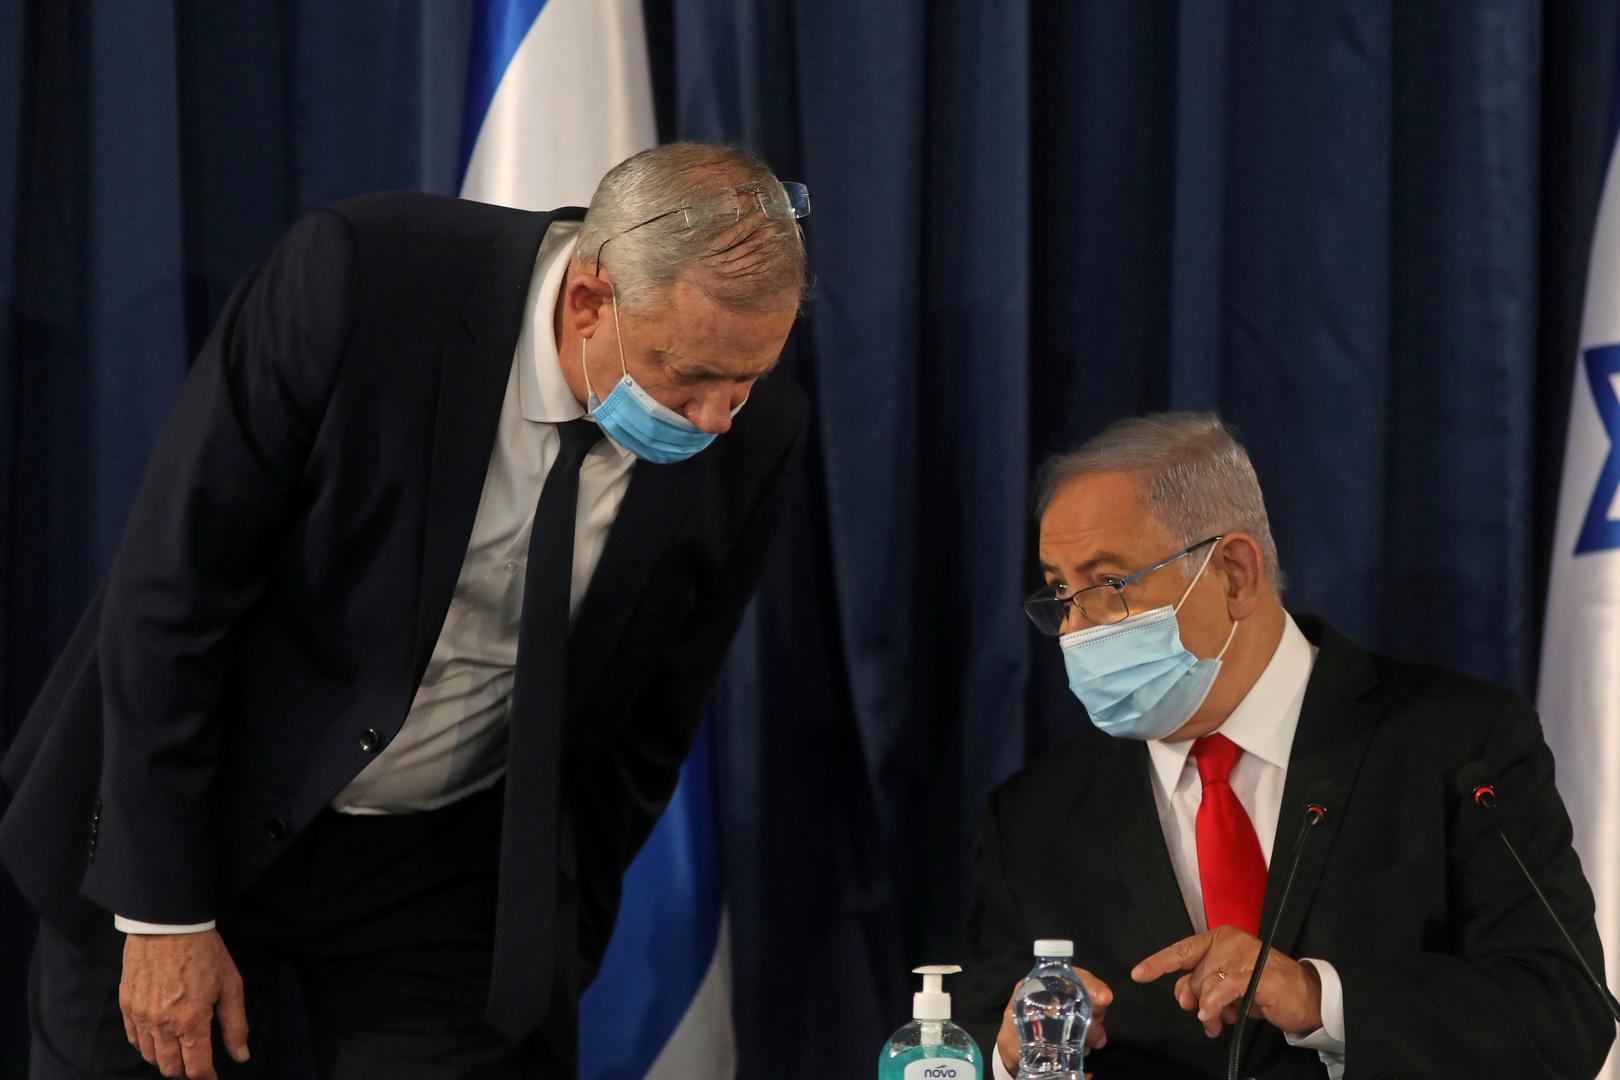 برلمان جنوب إفريقيا: خطة إسرائيل في الضفة تذكرنا بحقبة الفصل العنصري